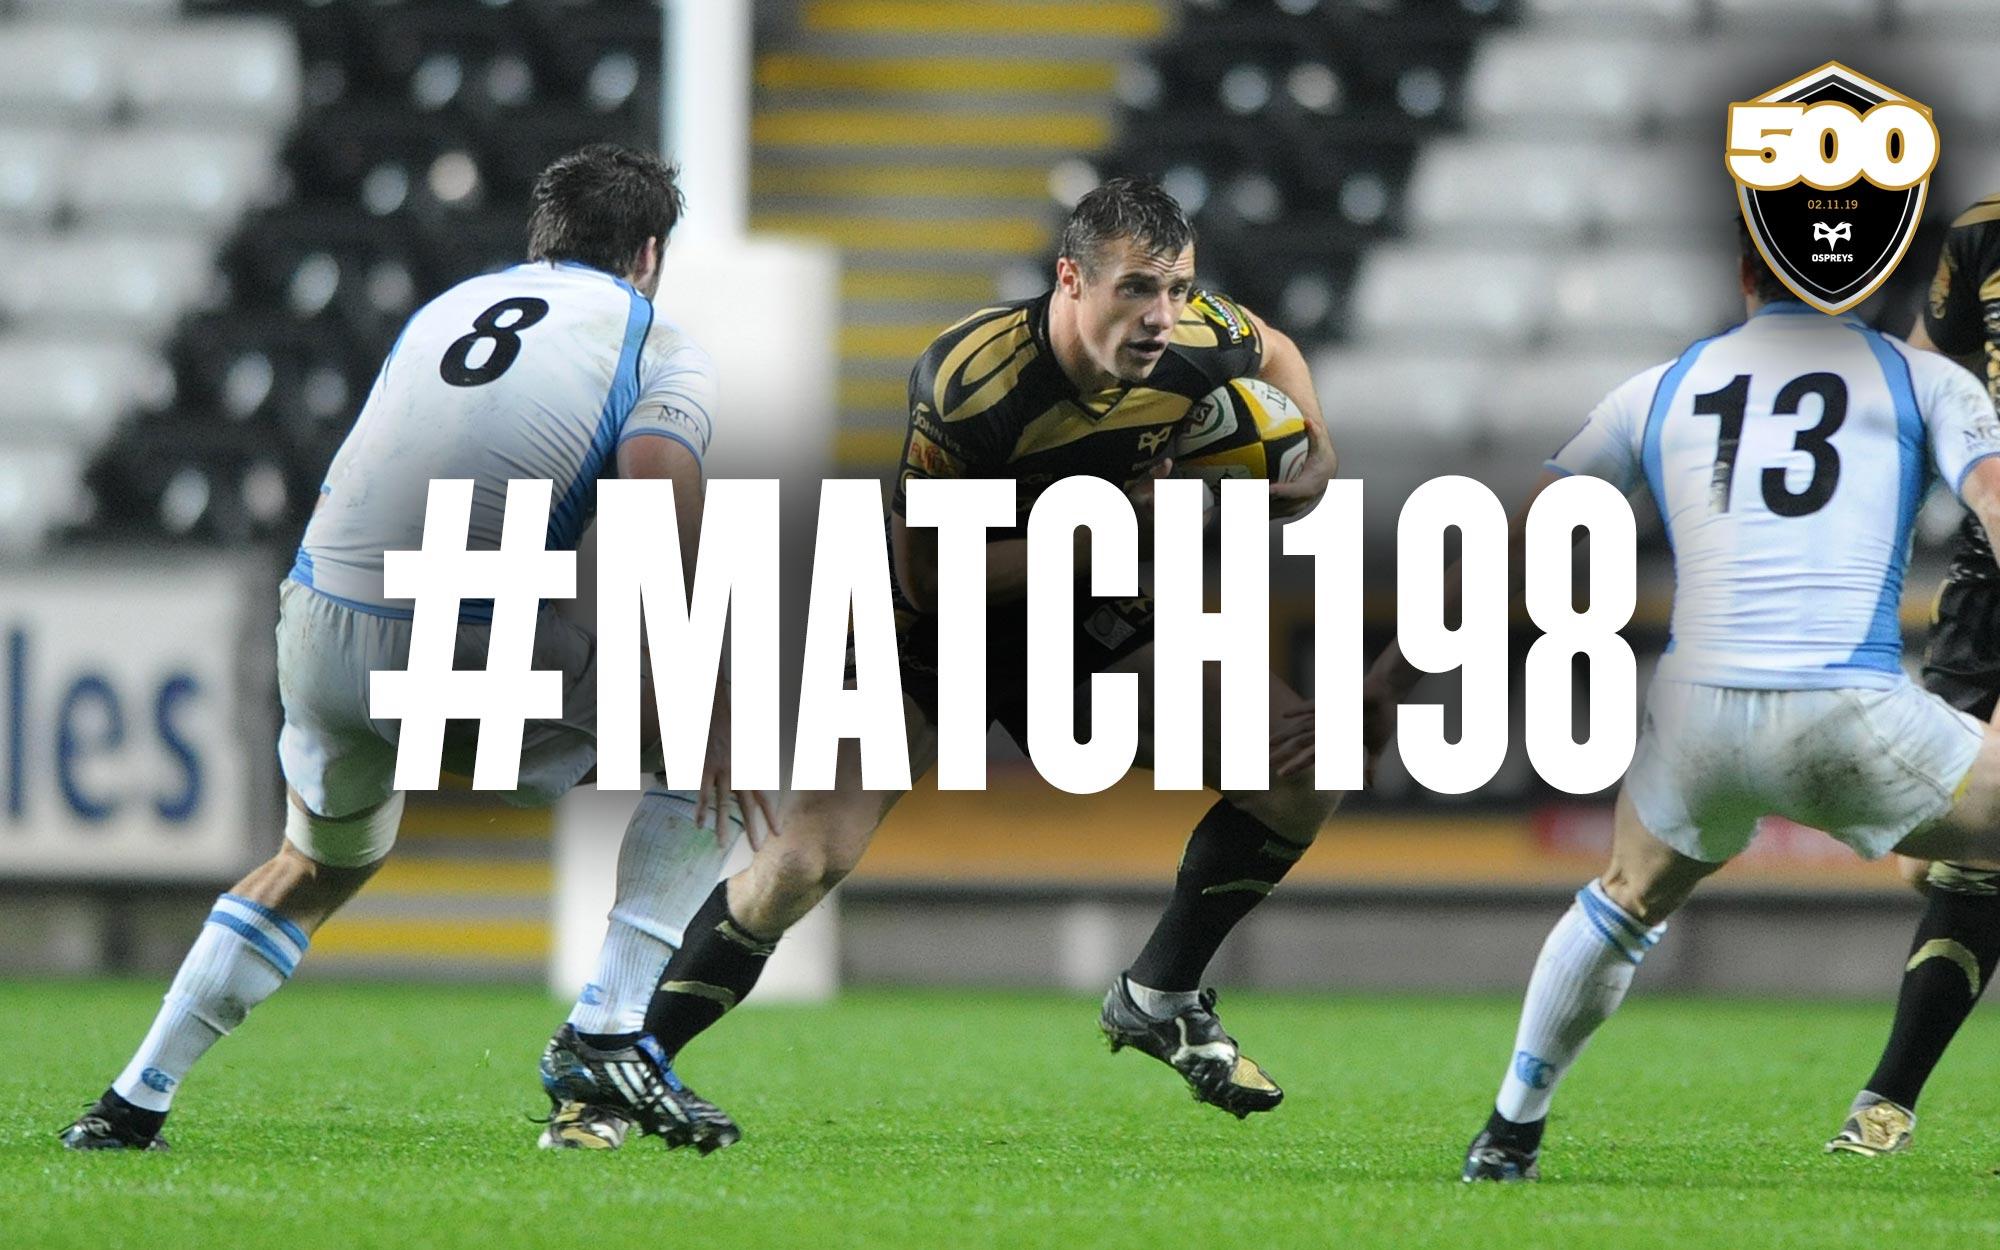 #Match198